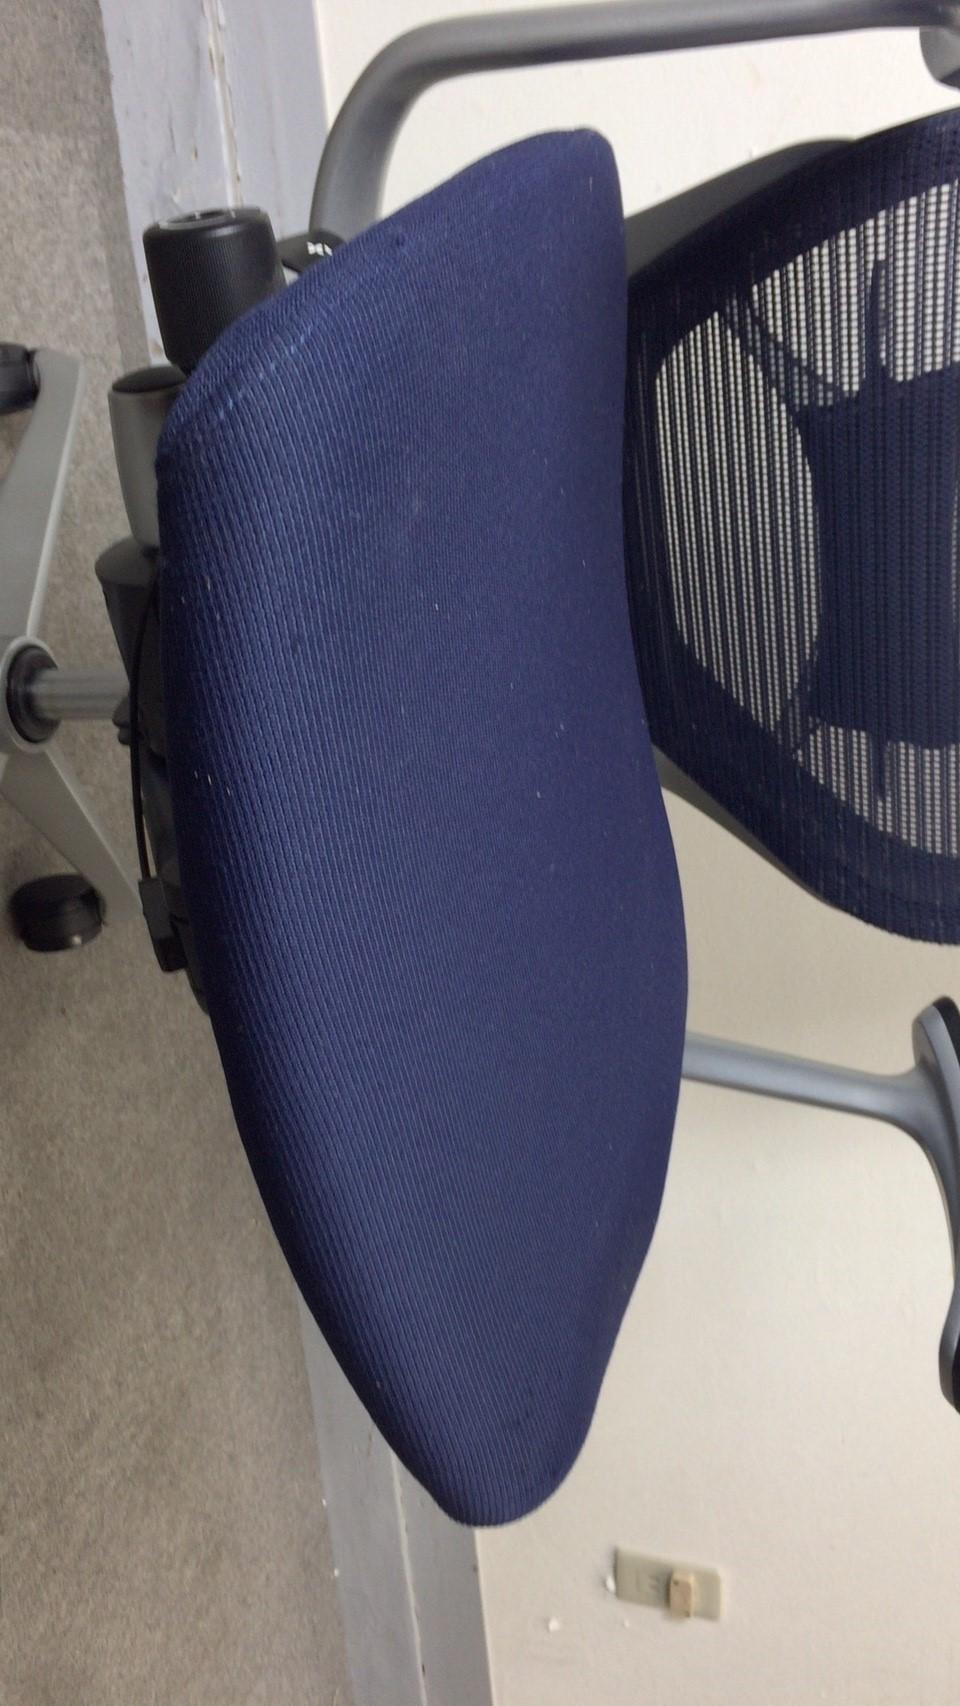 [ハイクラスチェア]岡村製作所 バロンチェア ハイバック デザインアーム ポスチャーフィット[コンテッサ、アーロンチェアをご検討の方にもお勧め]|バロンチェア[Baron](中古)